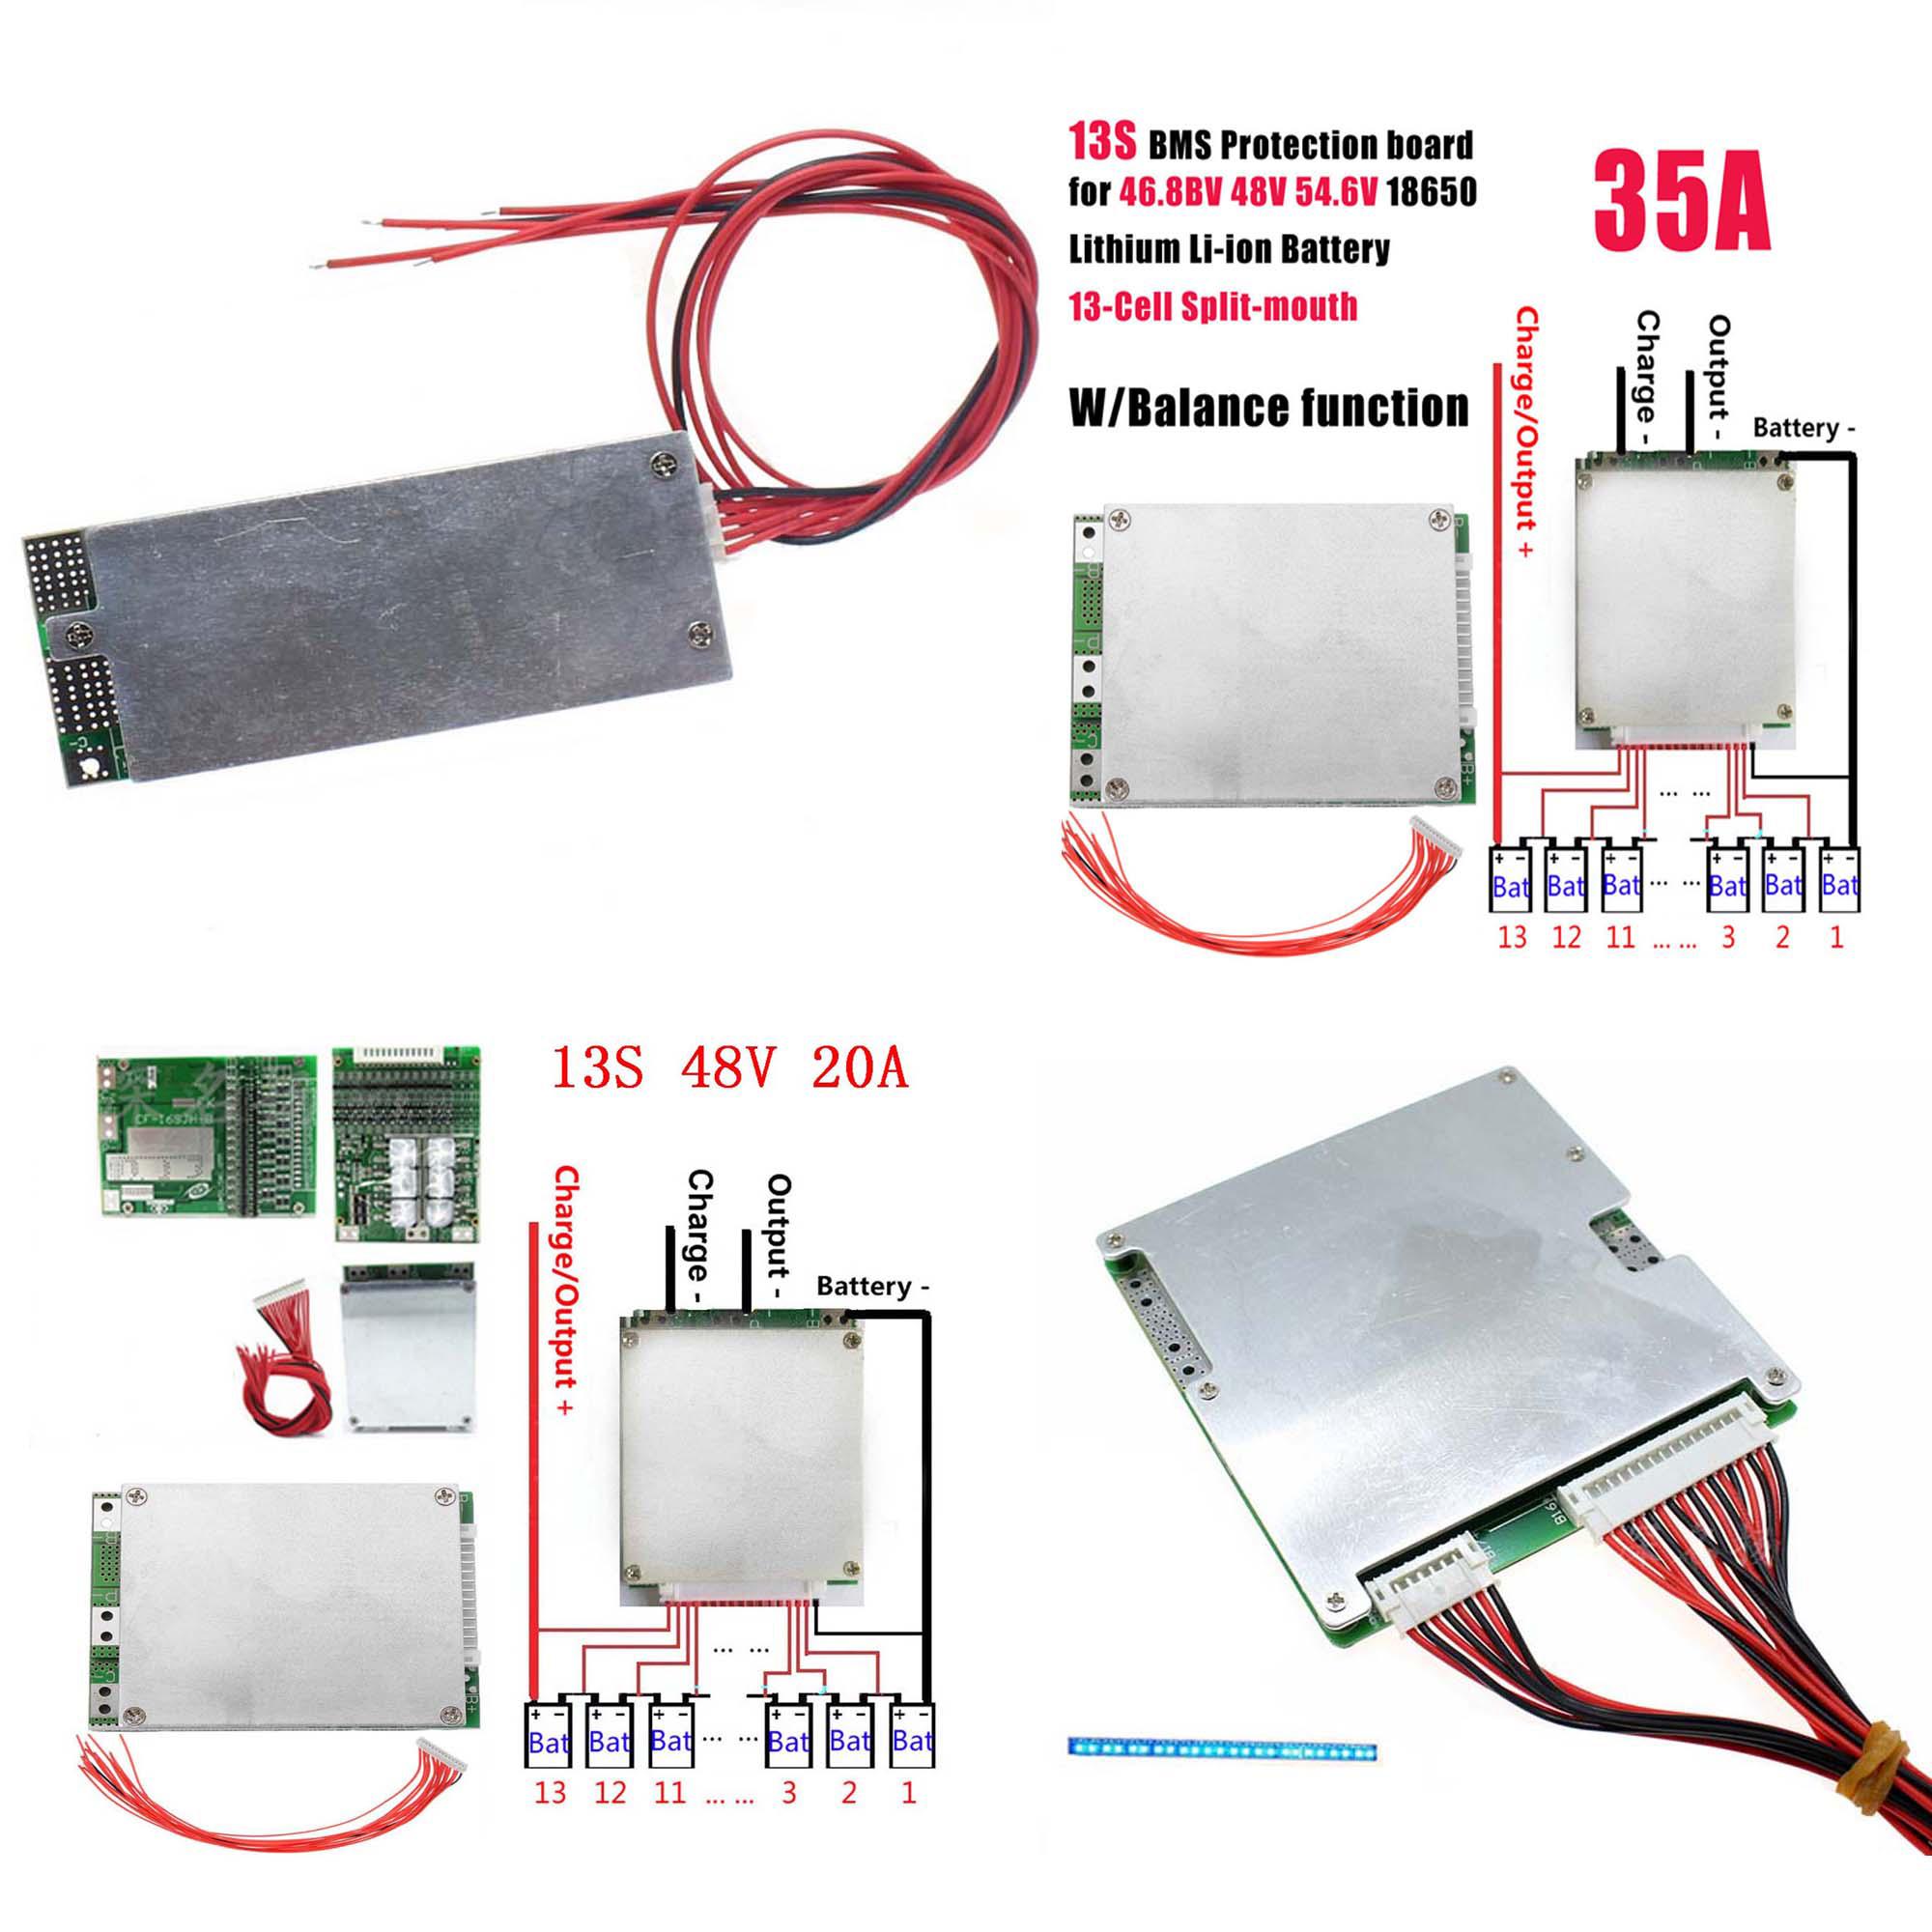 50.12.9.012.1000 Relay electromagnetic DPDT Ucoil12VDC 8A//250VAC FINDER